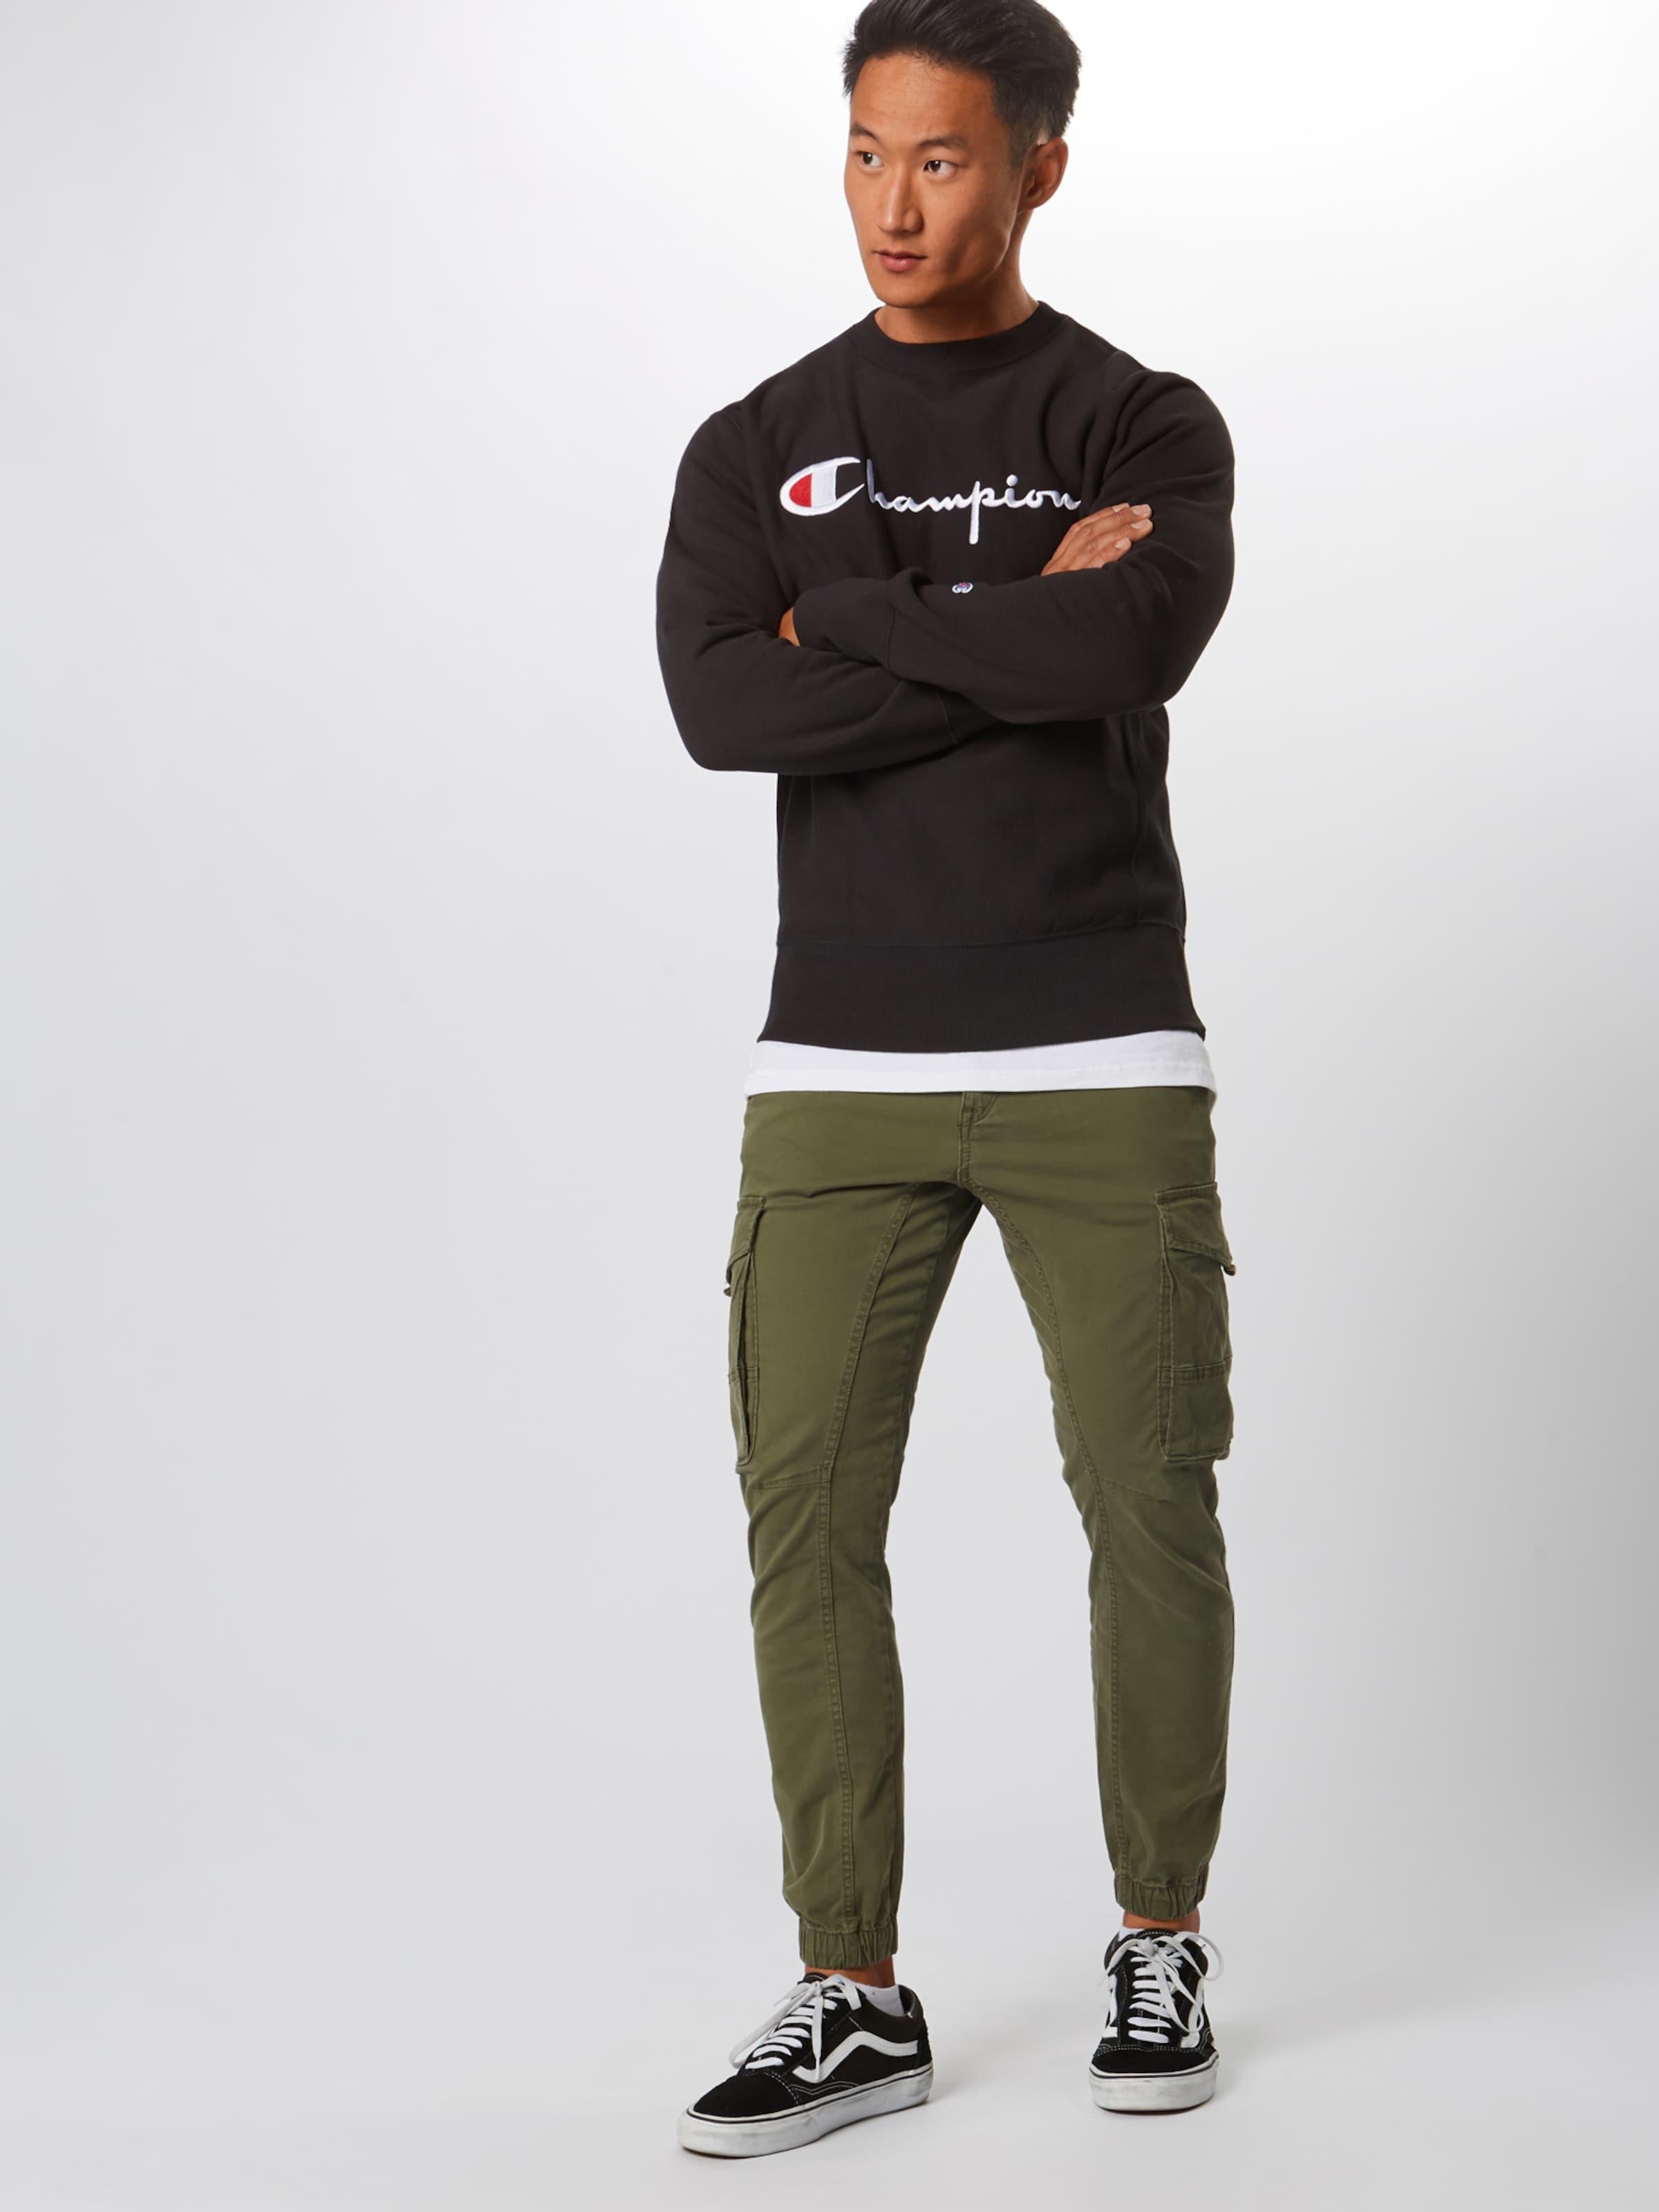 SchwarzWeiß Weave Champion Reverse In Sweatshirt jLq3c4S5AR